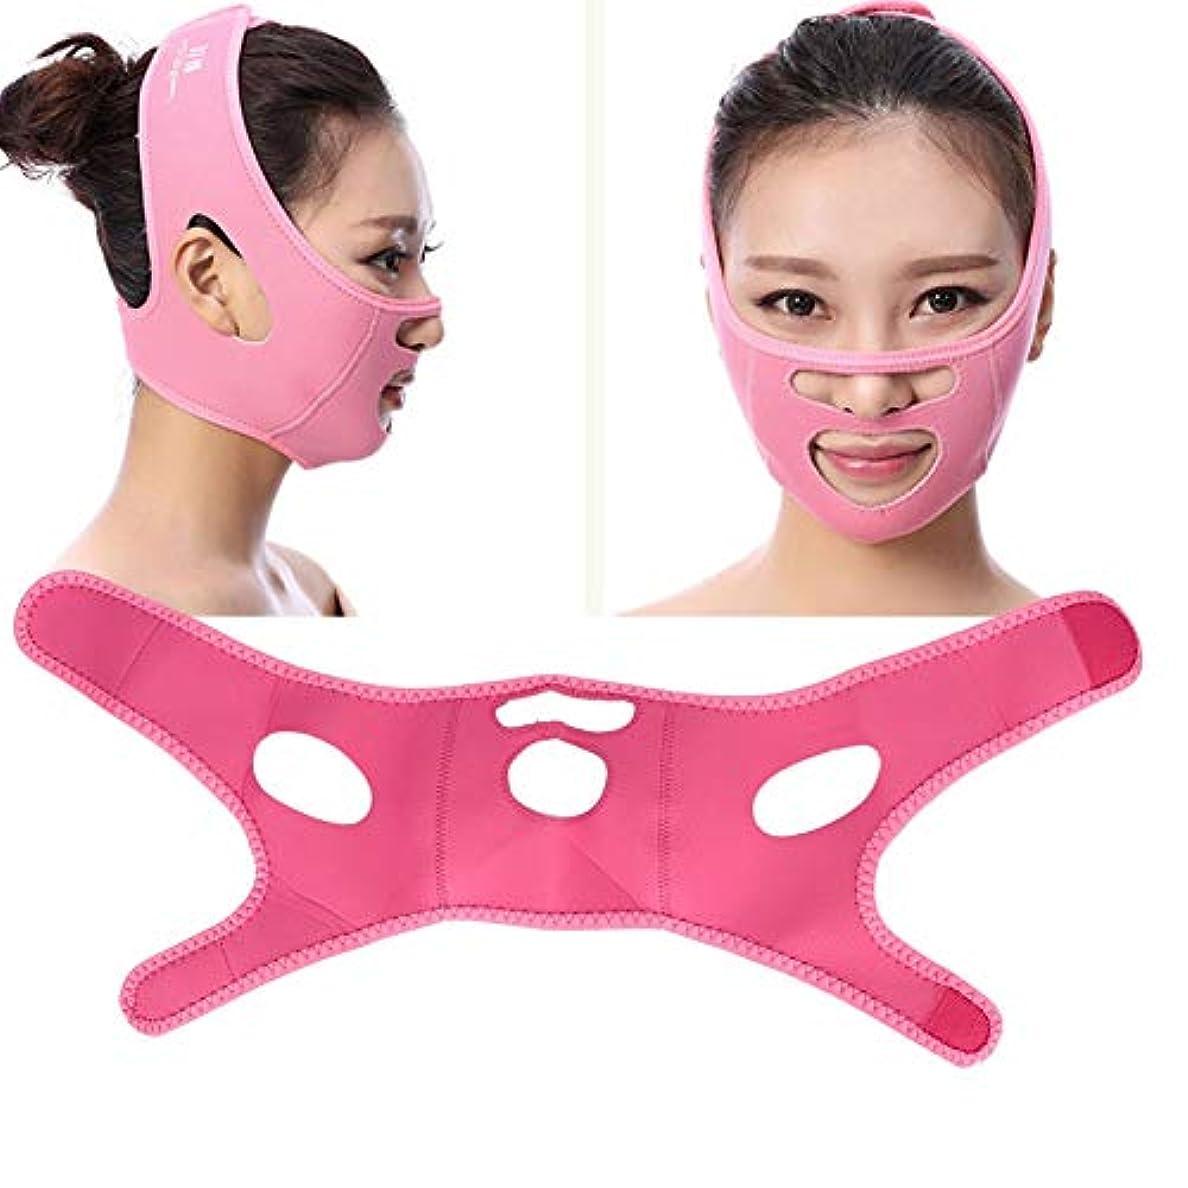 ジレンマ暴露する意図スリミングマスク - V字型マスク、フェイスマスクV型 - 首とあごを持ち上げるため、アンチエイジング、しわを軽減